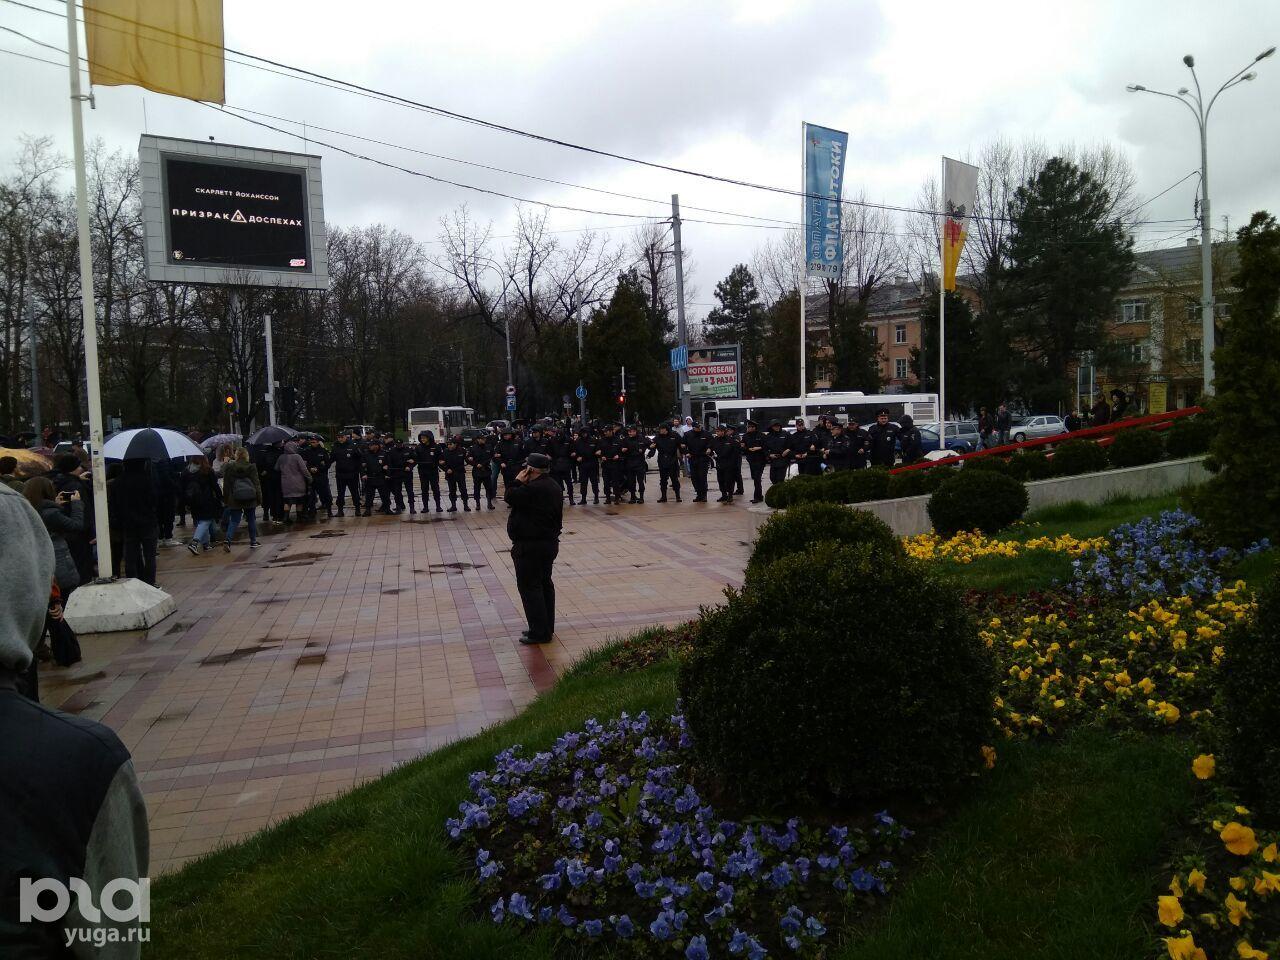 Полицейские выстроились в ряд на ул. Гаврилова ©Фото Юга.ру